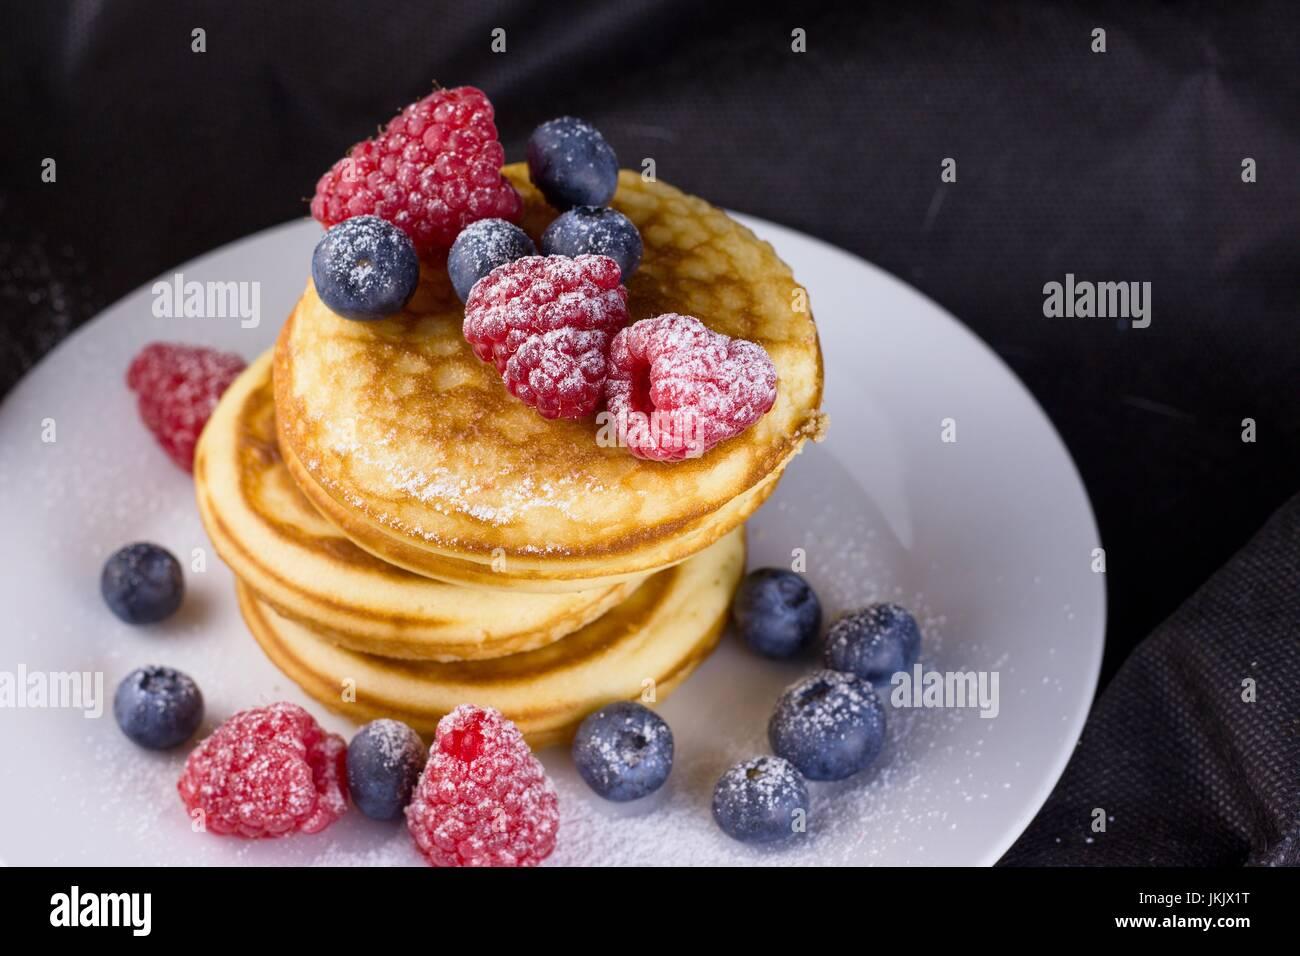 Pila di pancake con lamponi e mirtilli rivestite con zucchero a velo sulla piastra bianca e sfondo nero Immagini Stock